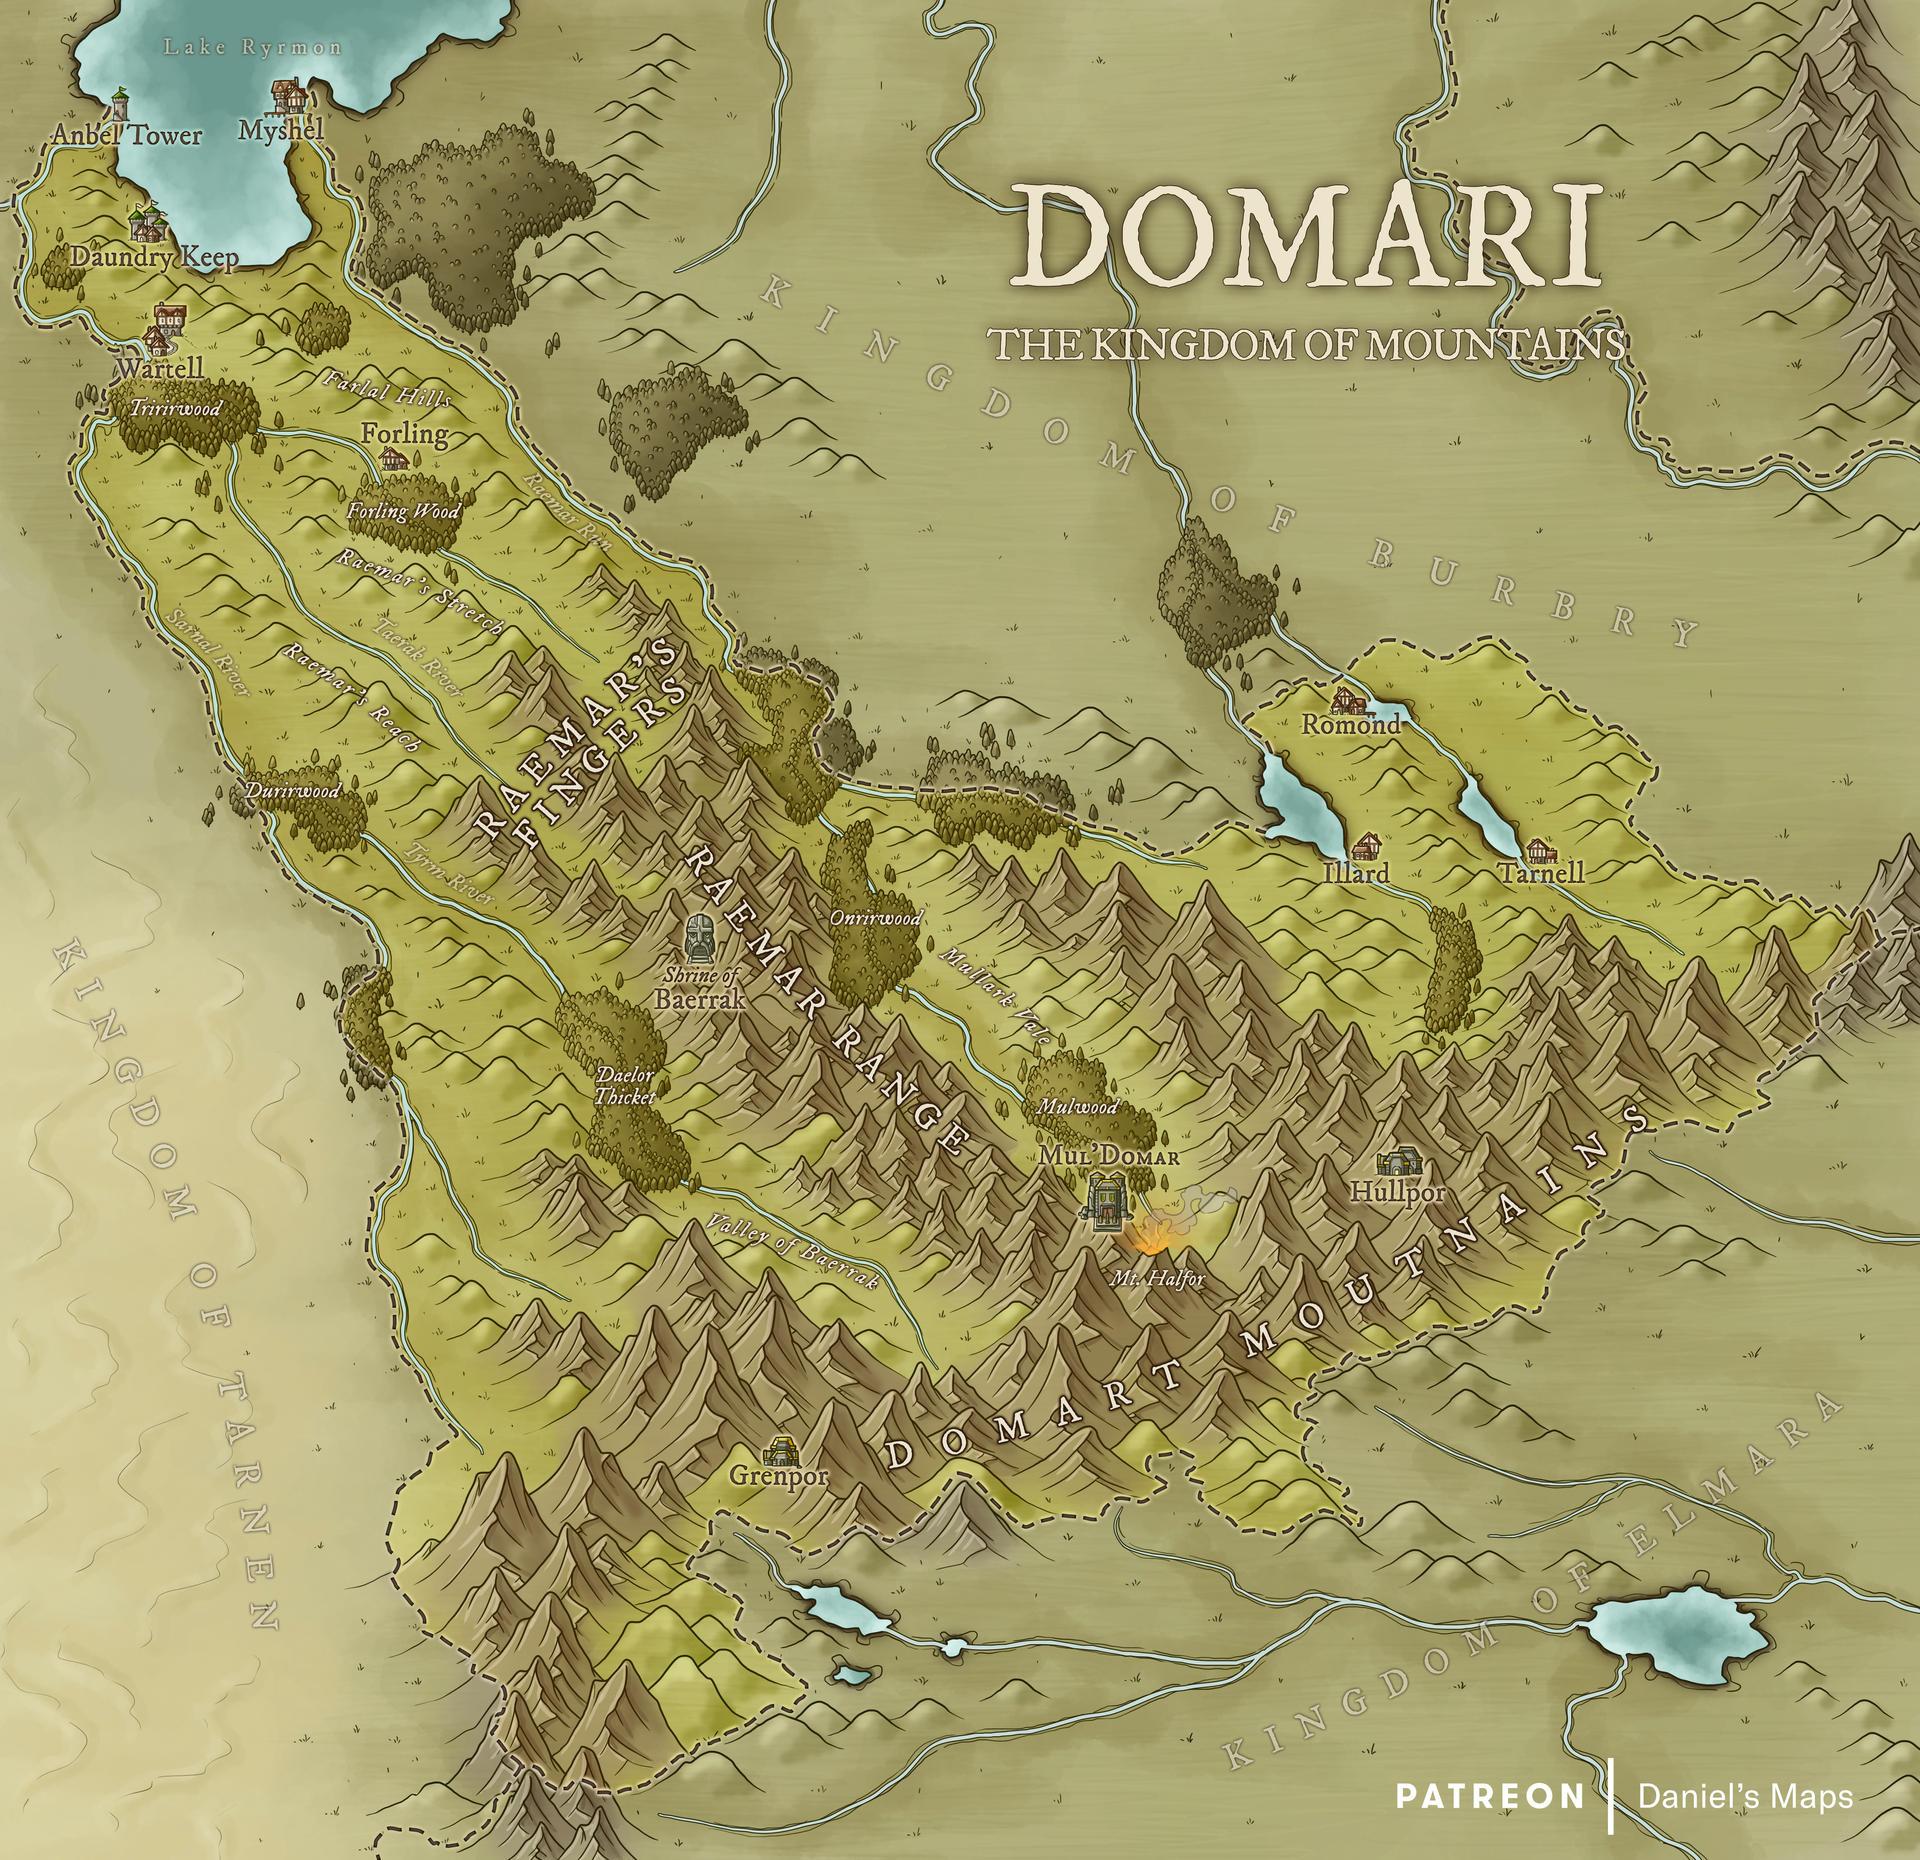 Domari, the Kingdom of Mountains